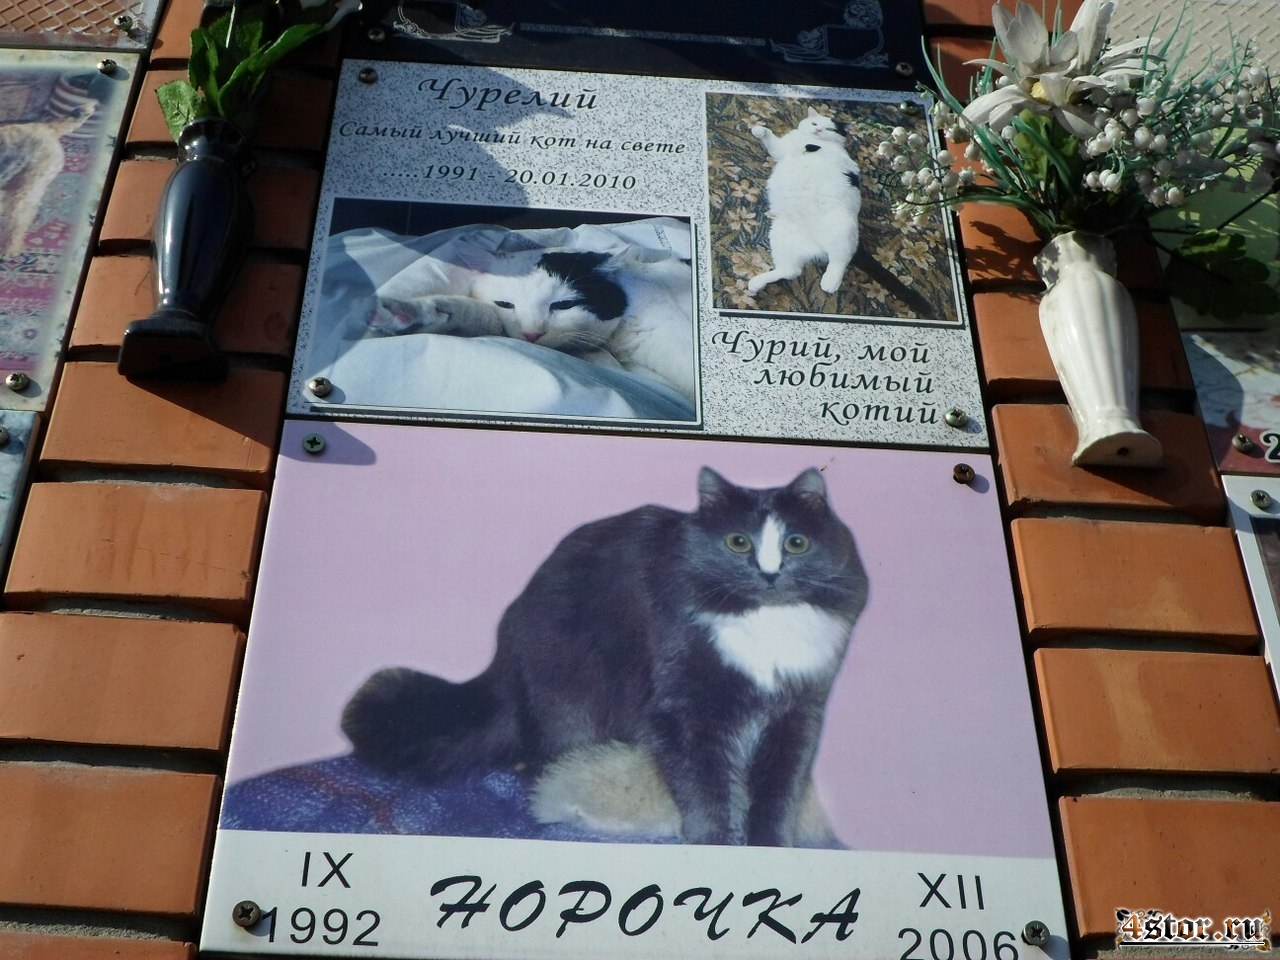 Где в москве похоронить кошку